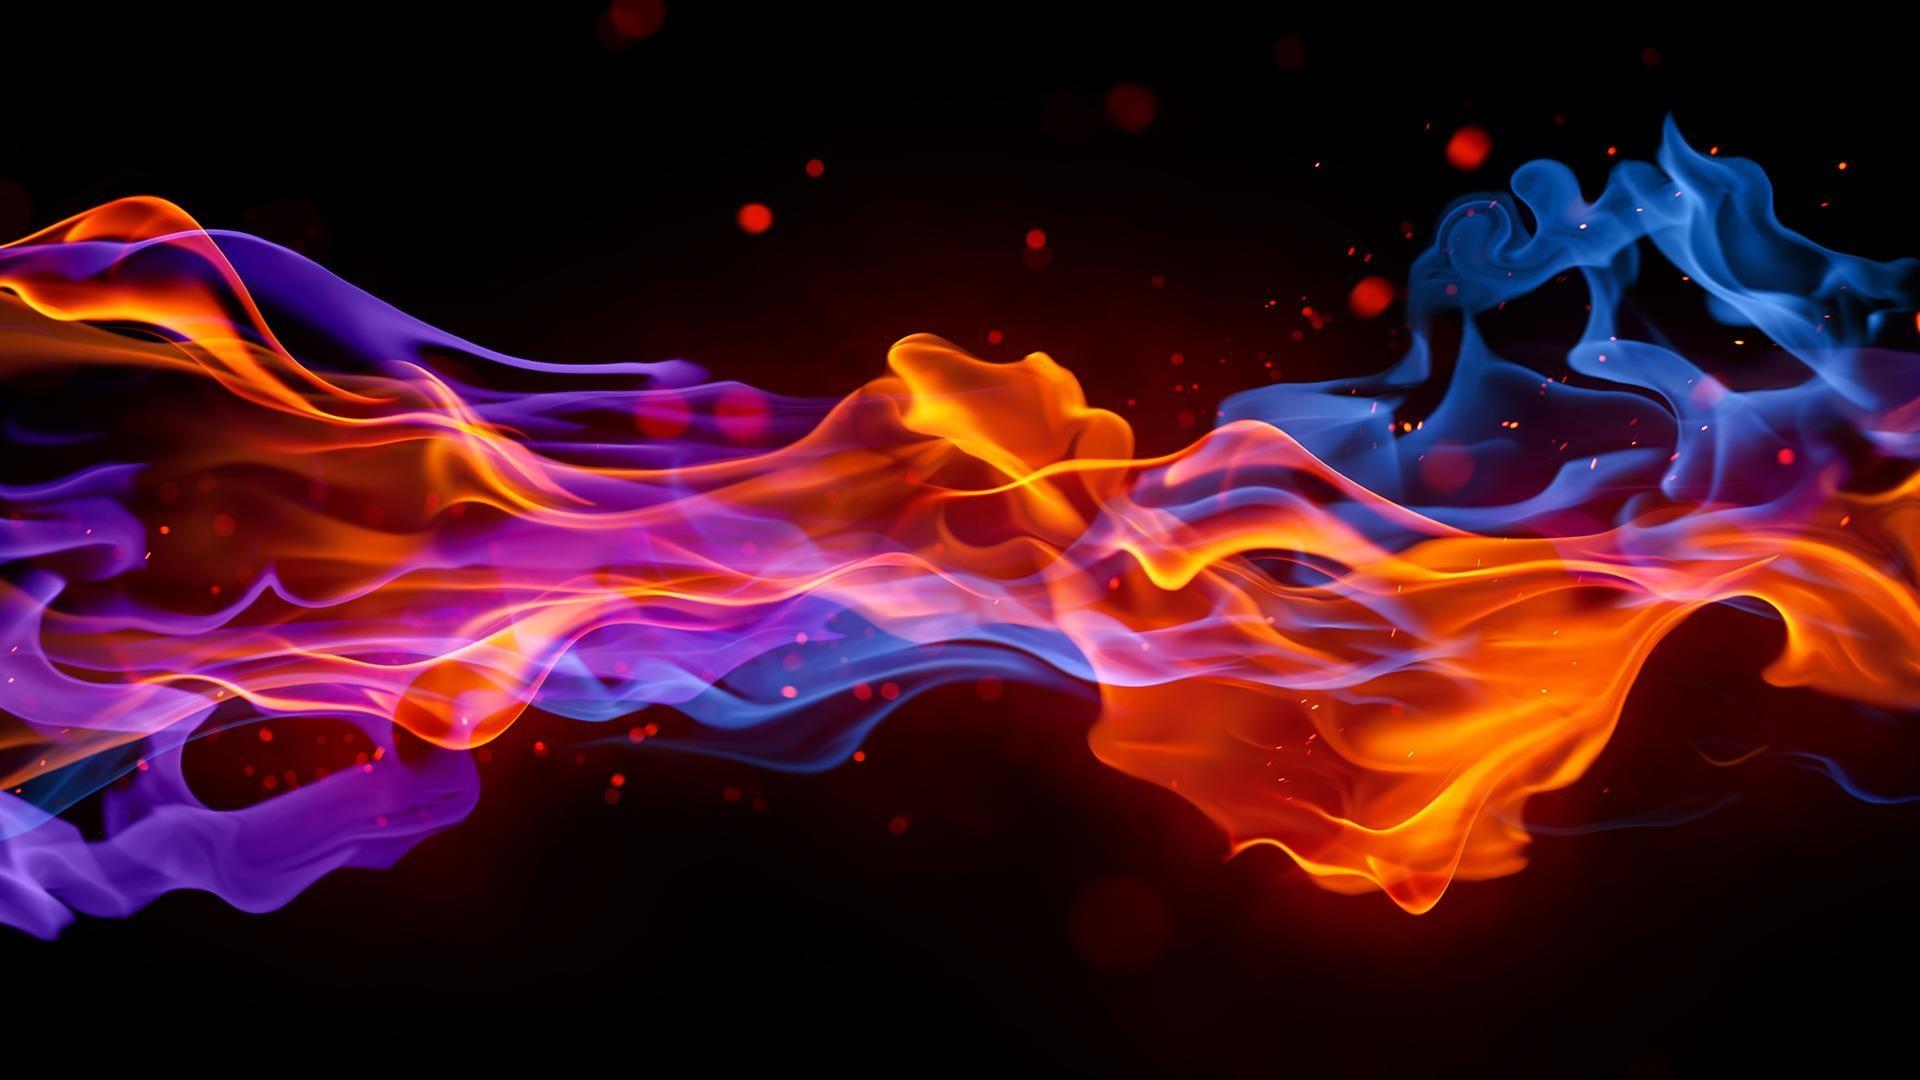 Red Fire Flames Hd Wallpaper   Wallpaper List